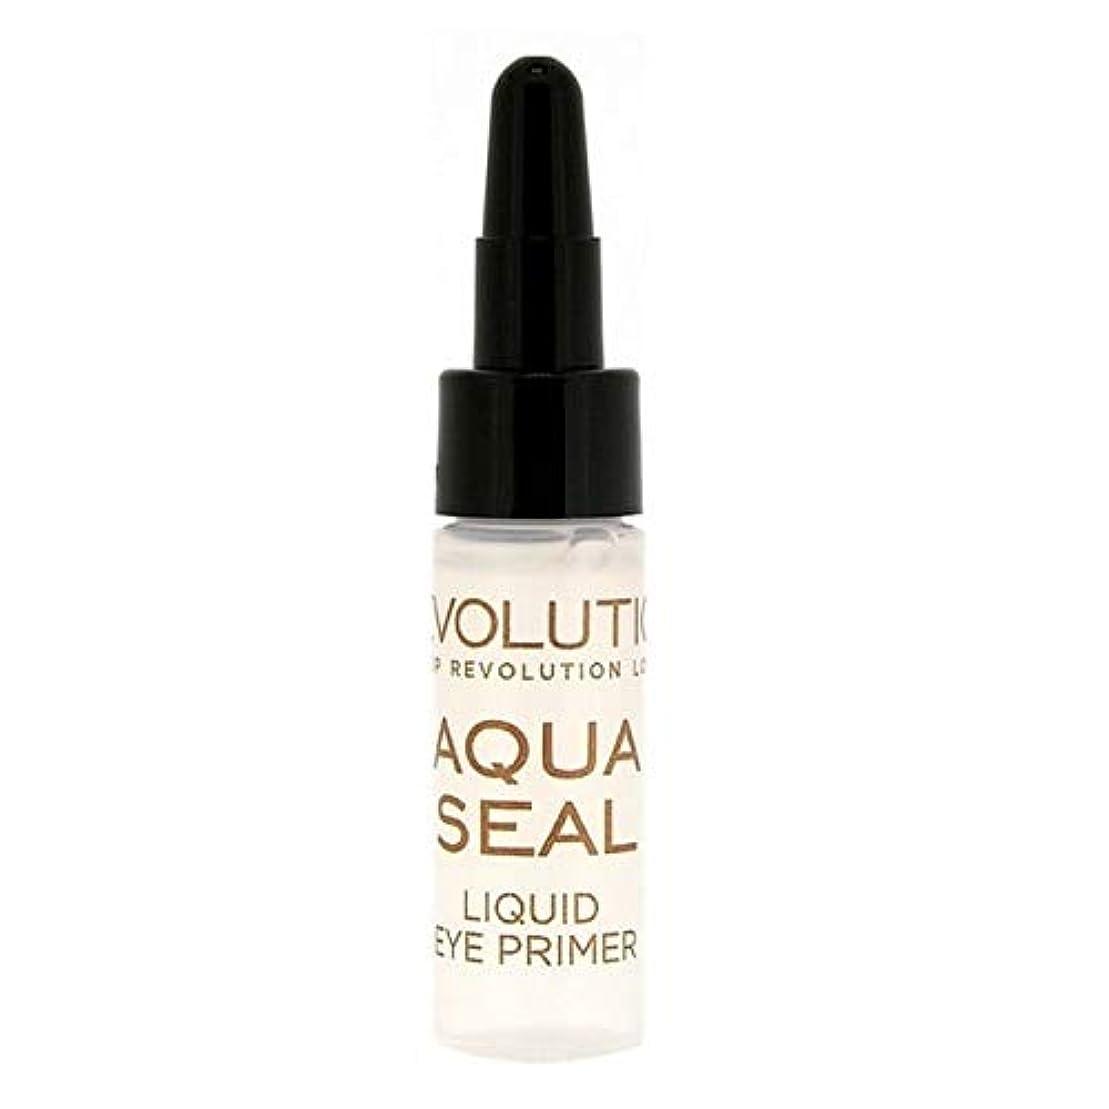 デンマーク才能未亡人[Revolution ] 革命液体アクアシールアイシャドウプライマー9グラム - Revolution Liquid Aqua Seal Eyeshadow Primer 9g [並行輸入品]